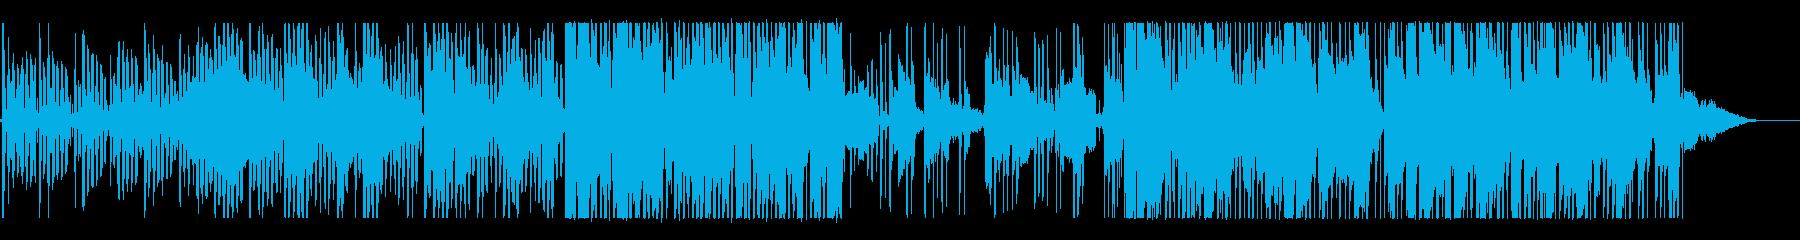 ギター ローファイヒップホップ Lofiの再生済みの波形